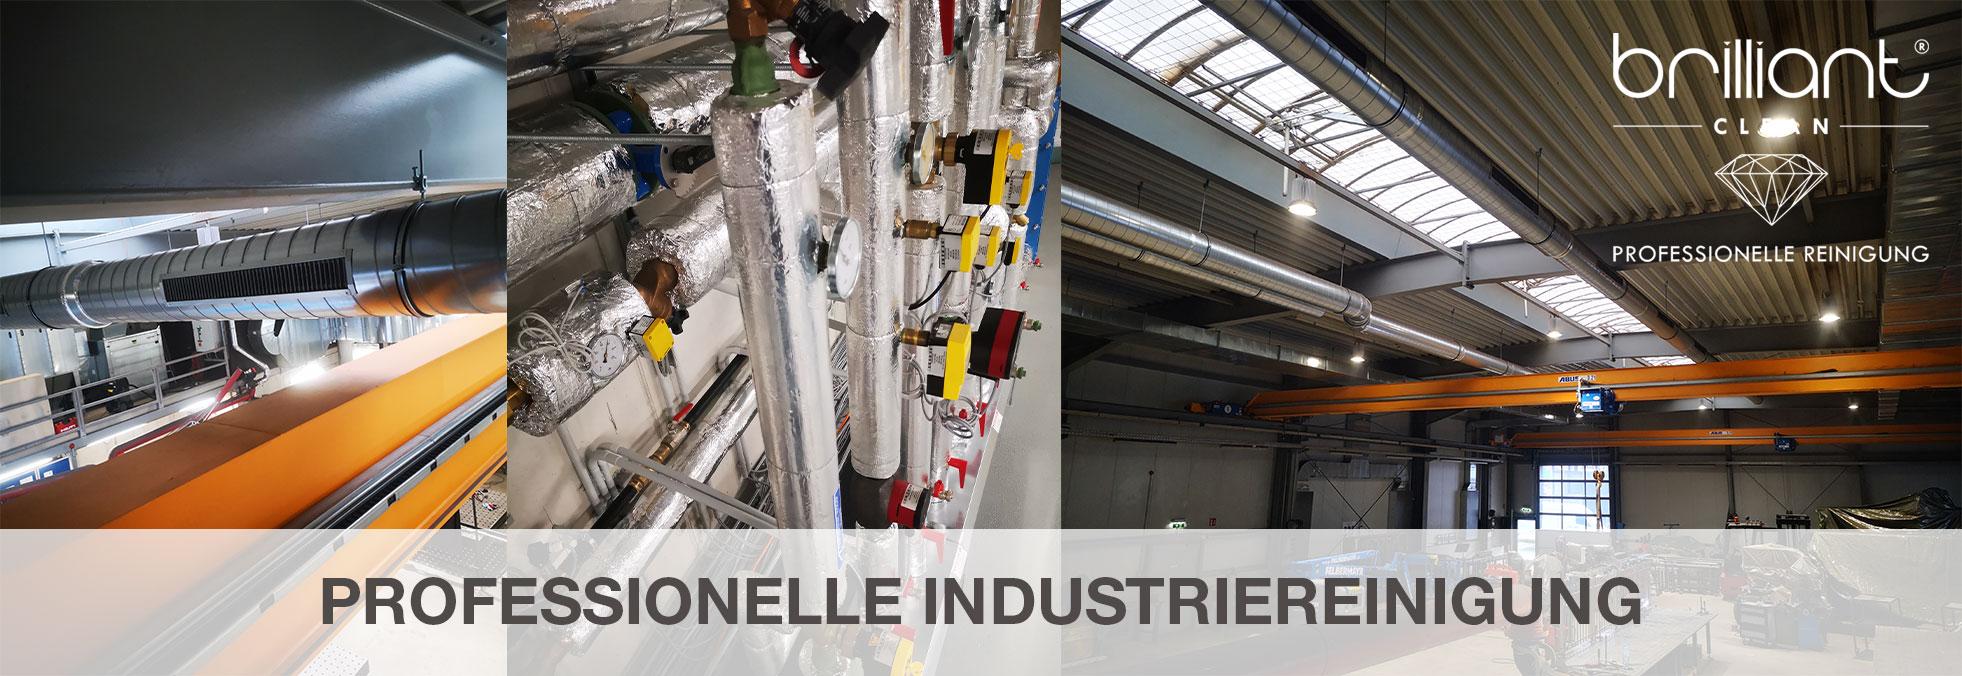 brilliant-clean-industriereinigung-innsbruck-tirol